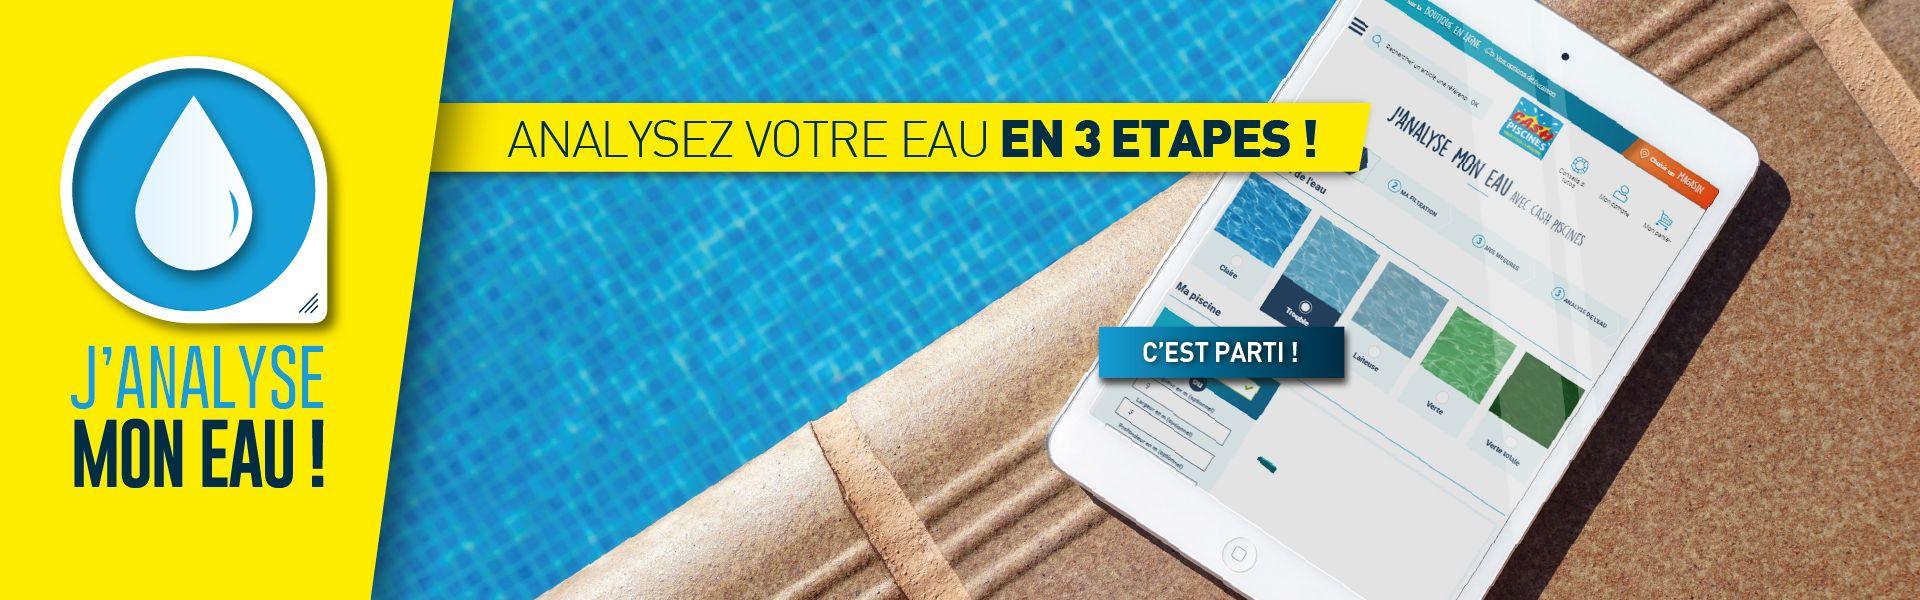 Cash Piscines - Tout Pour La Piscine & Spas Gonflables ... destiné Cash Piscine Brive